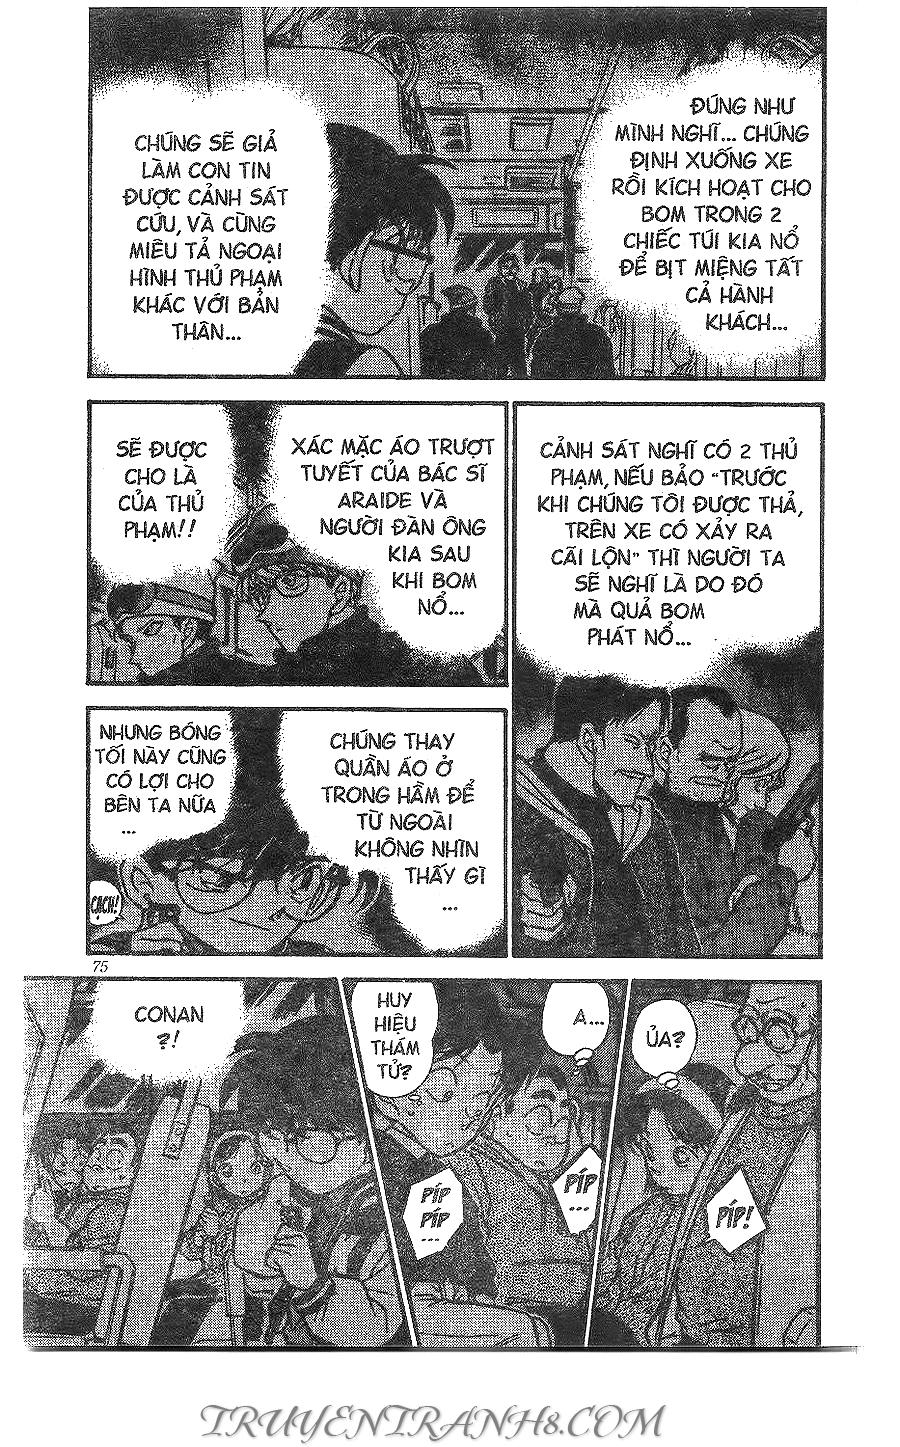 xem truyen moi - Conan chap 289